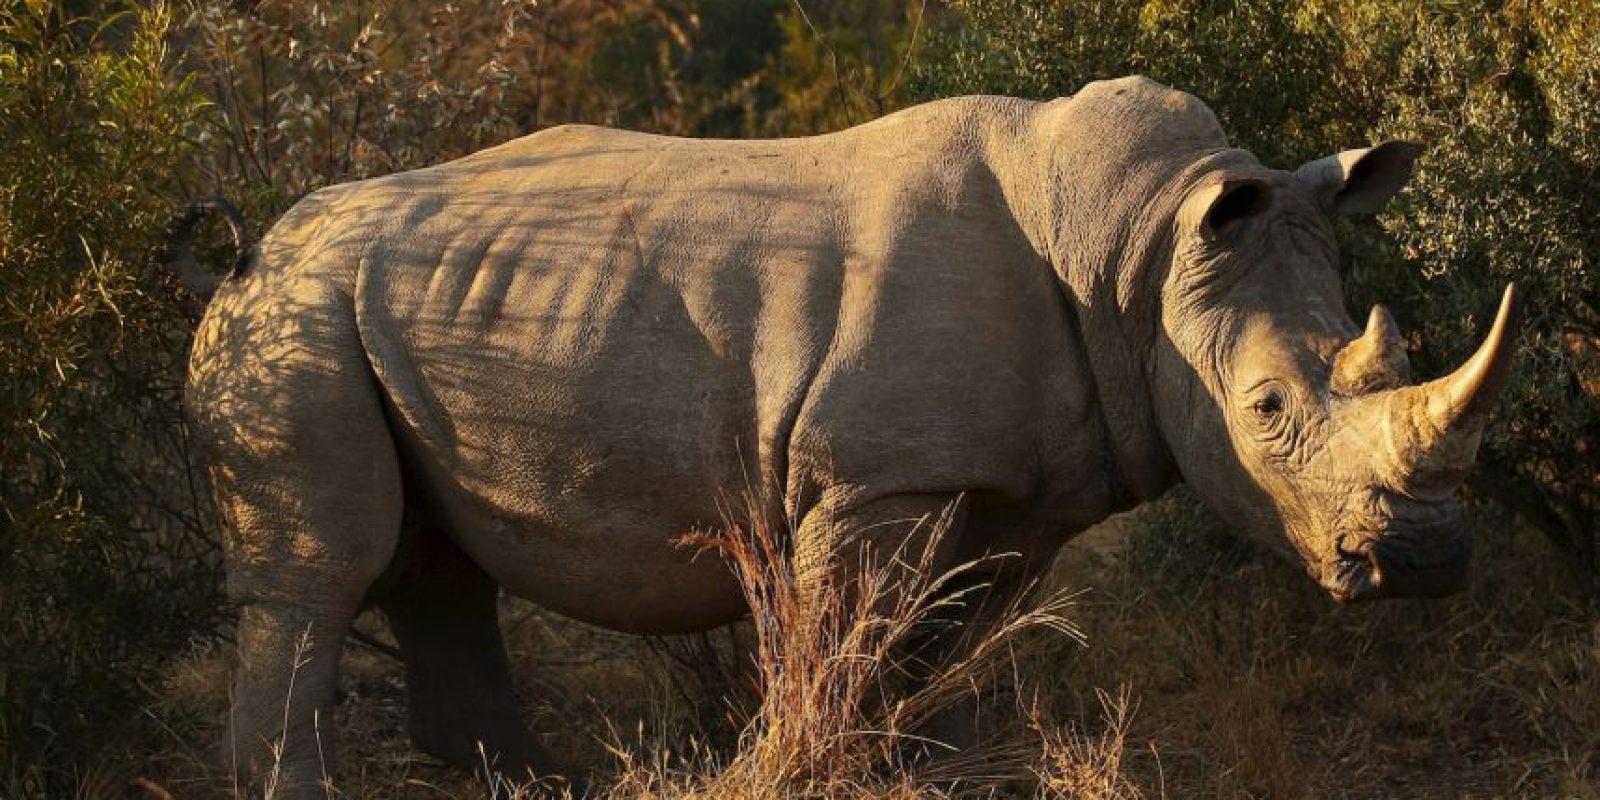 Sudán a sus 42 años ya es un anciano según la edad de los rinocerontes. Foto:Getty Images